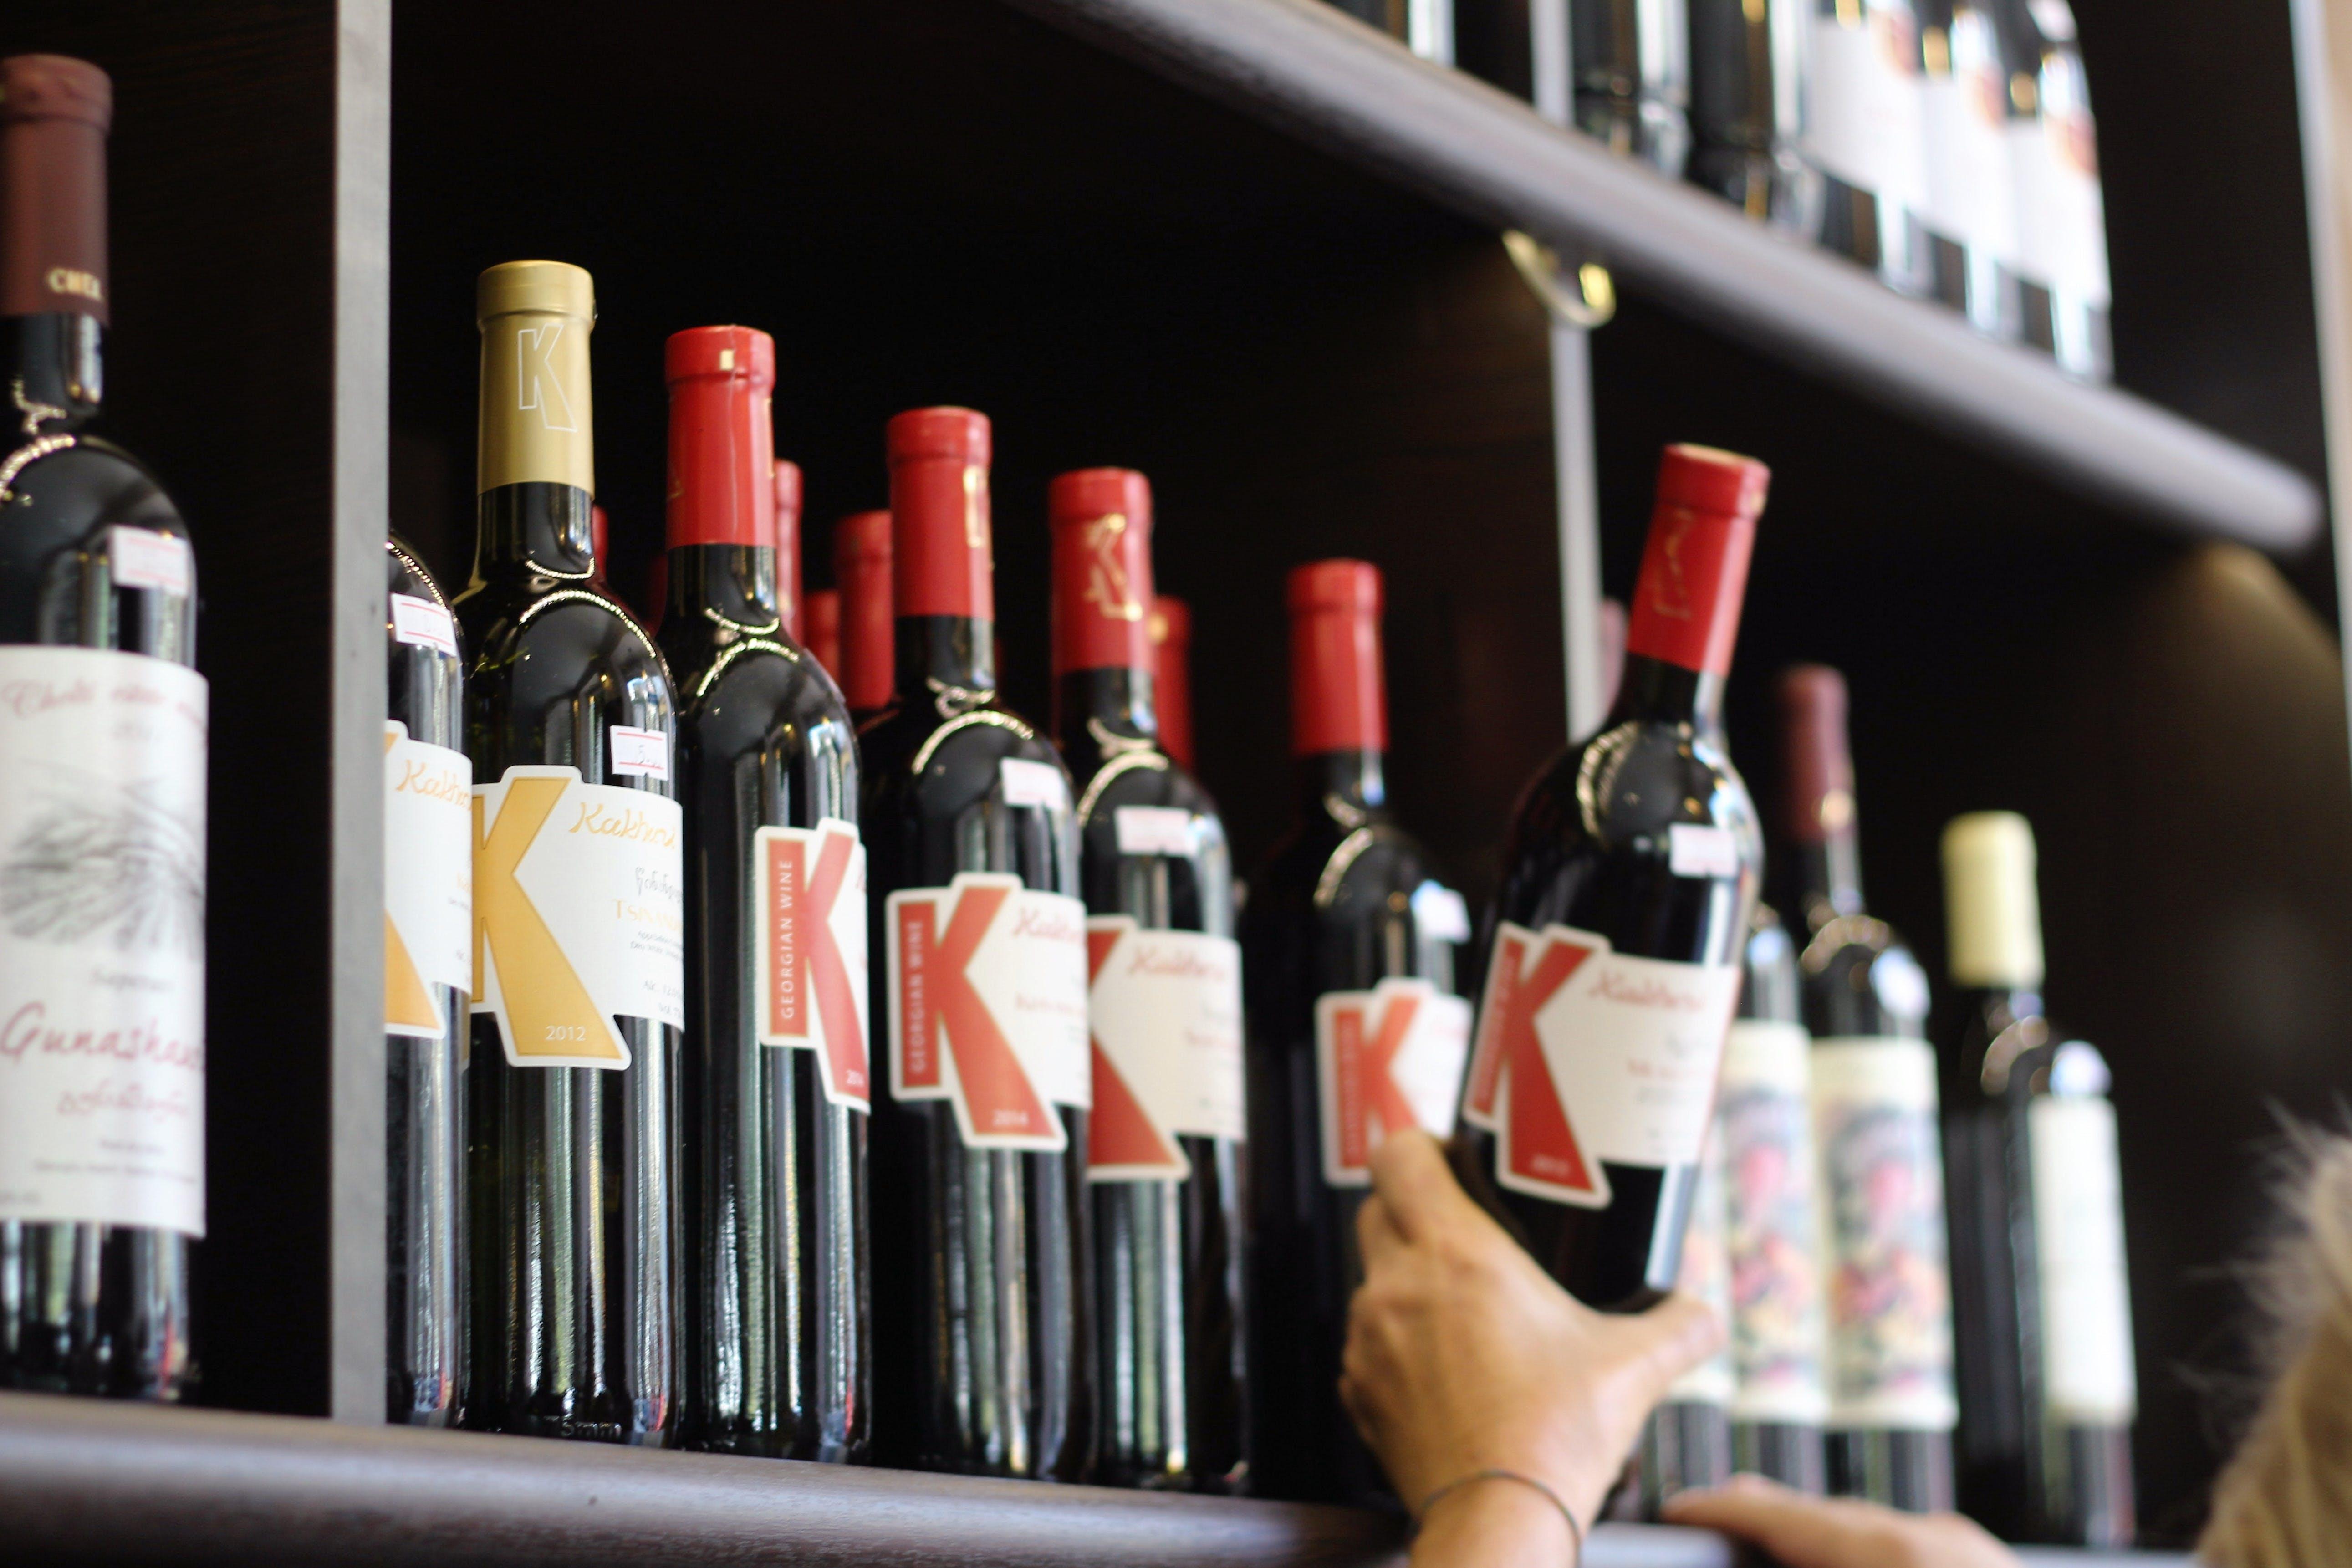 お酒, びん, アルコール飲料, ホールドの無料の写真素材